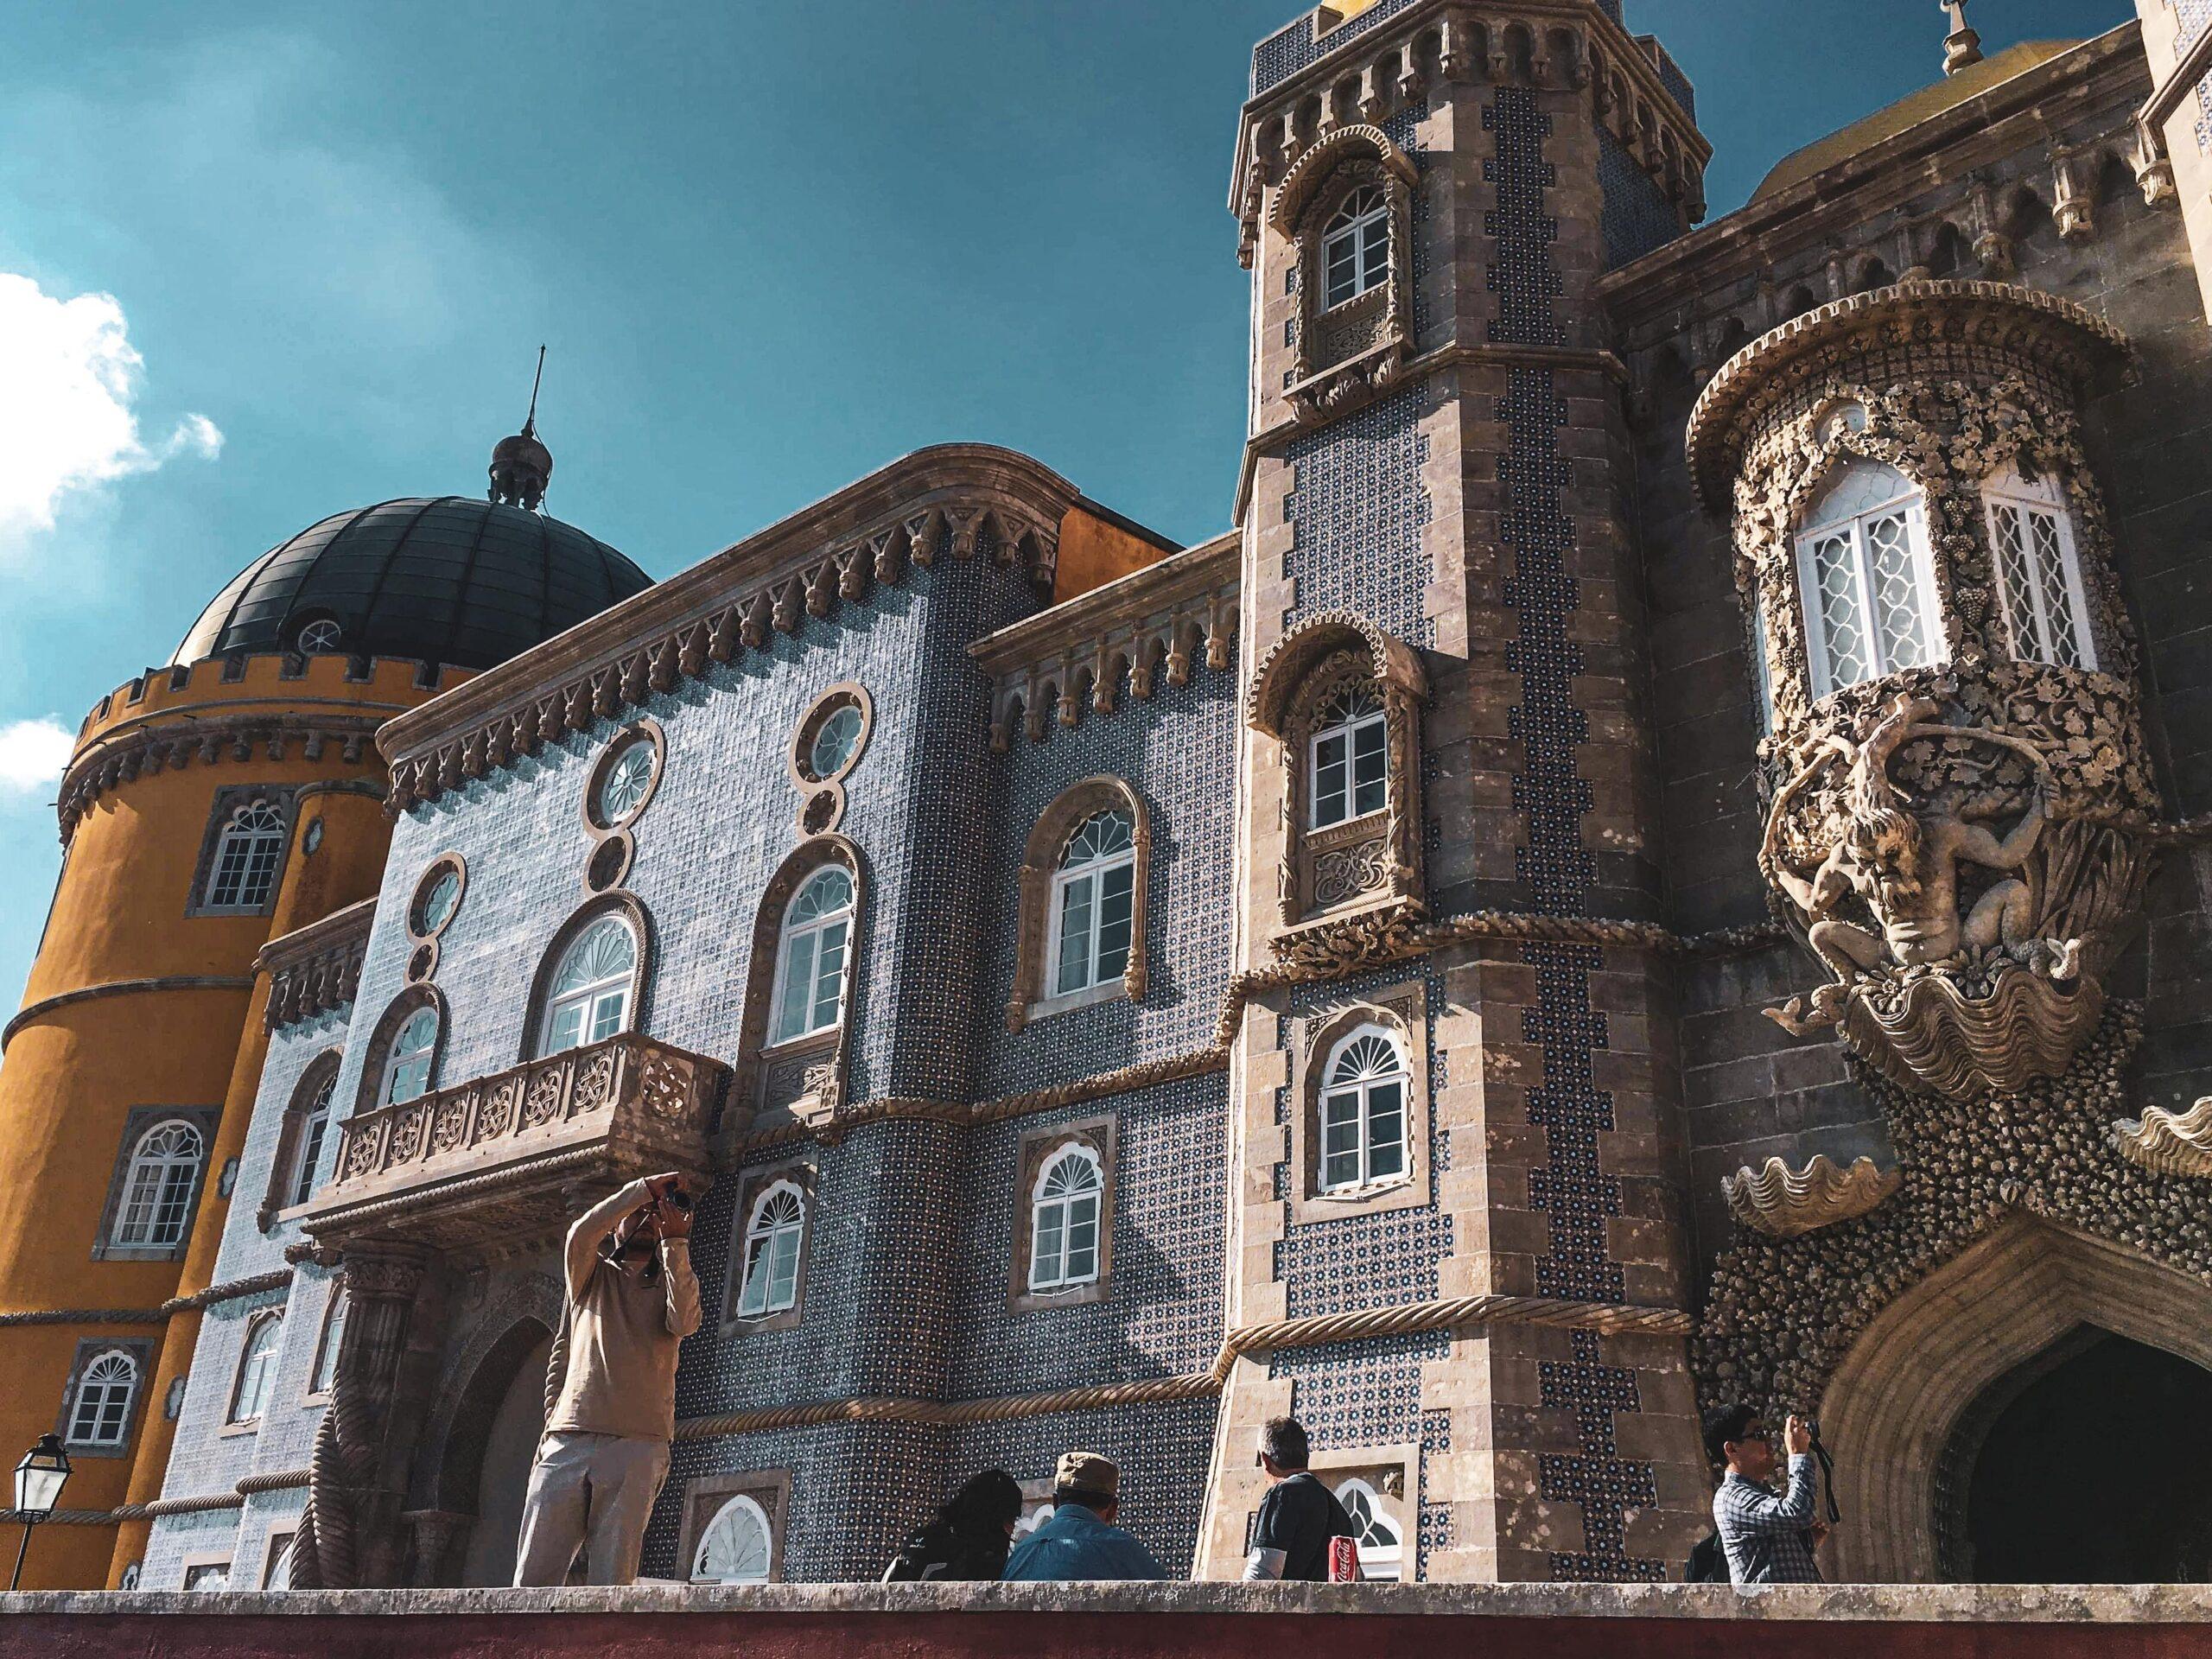 Sintra - reisblog travelnote